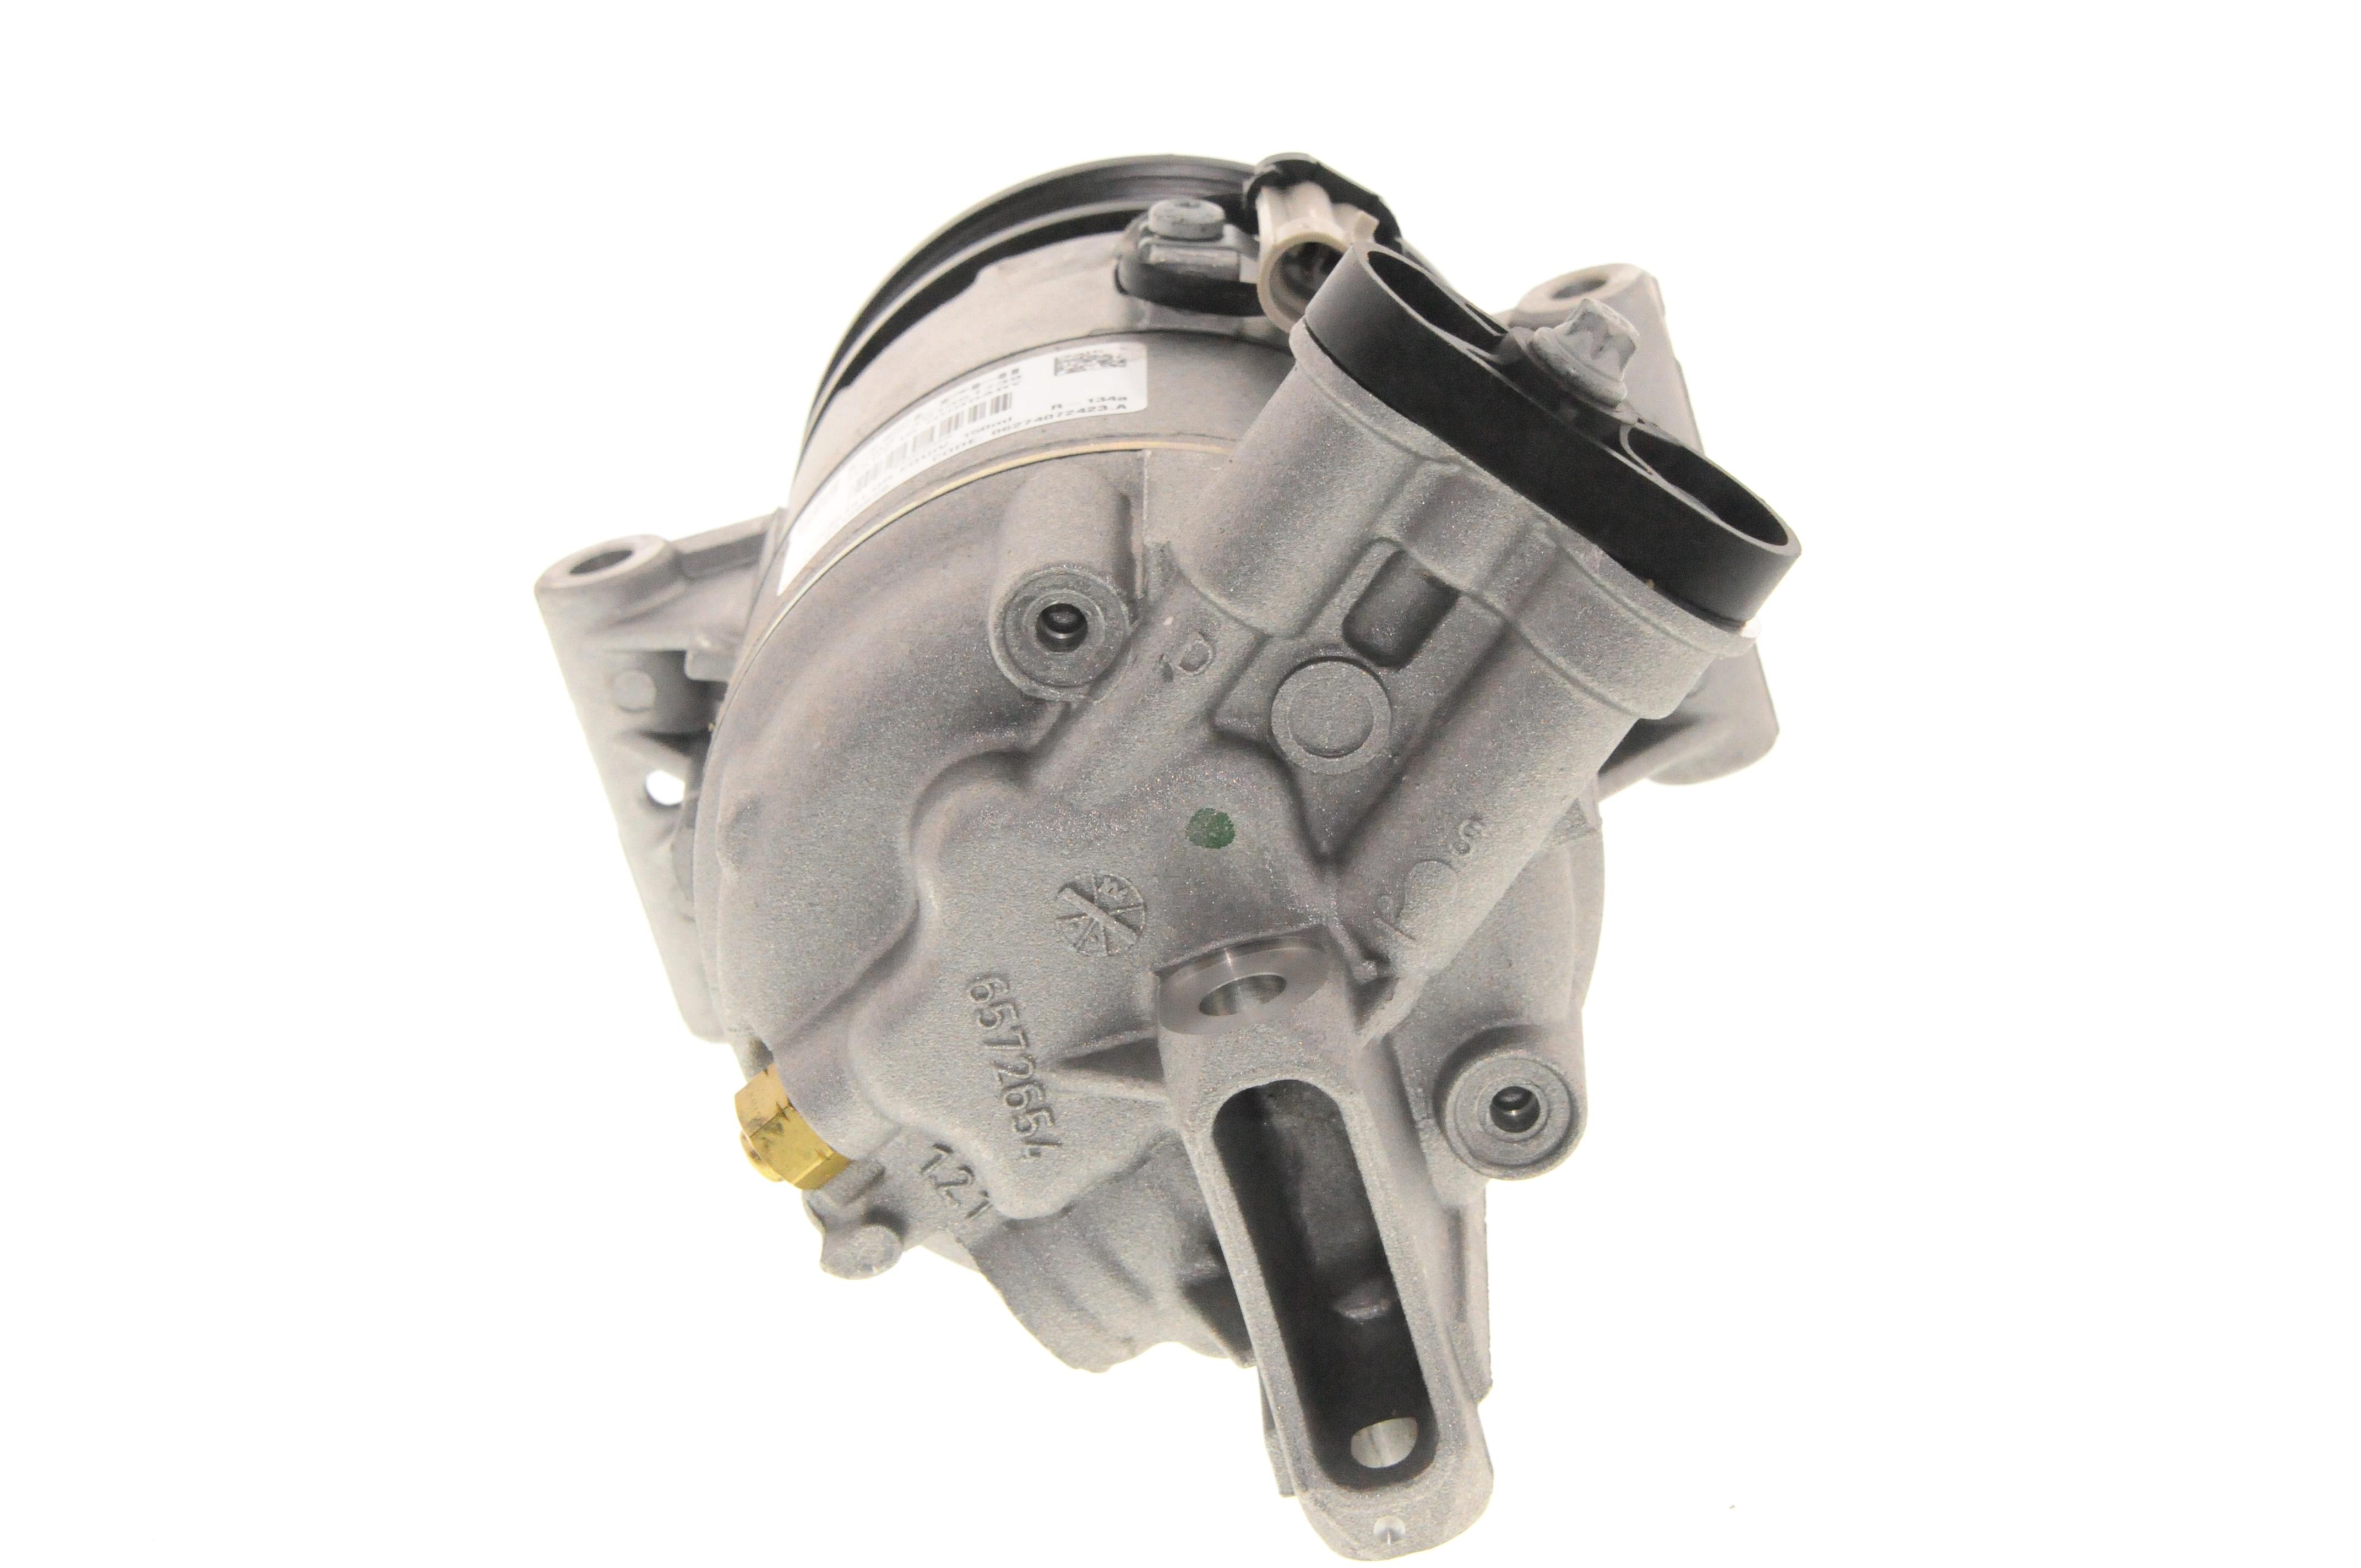 ACDELCO OE SERVICE CANADA - A/C Compressor - DCG 93168628